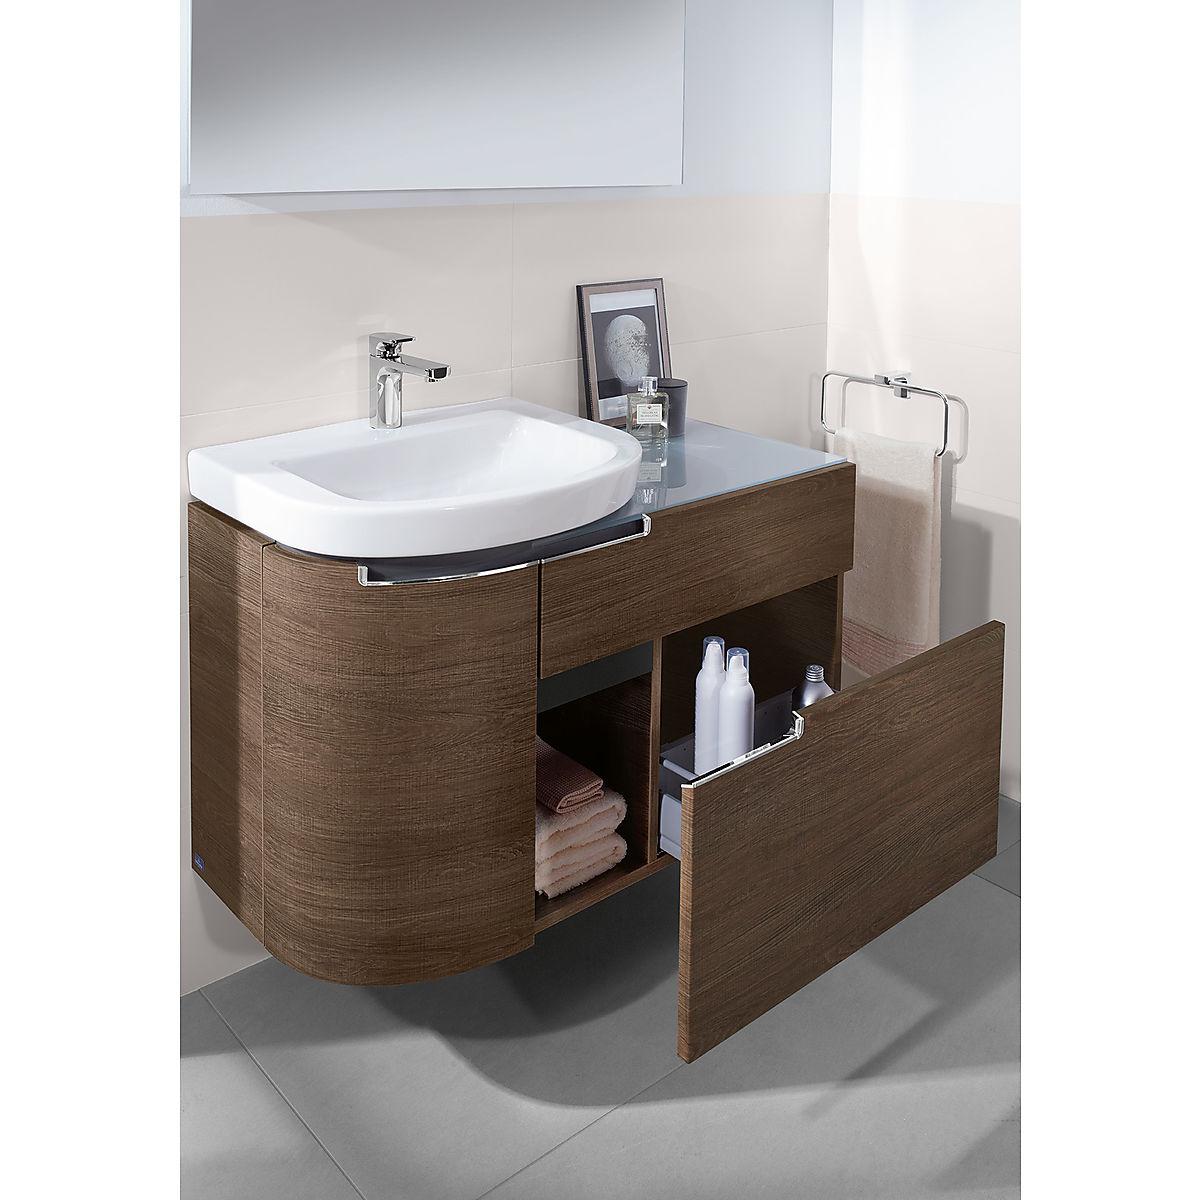 v b subway 2 0 xxl servantskap venstre 989x590 mm eik grafitt s lvgr matt kr. Black Bedroom Furniture Sets. Home Design Ideas